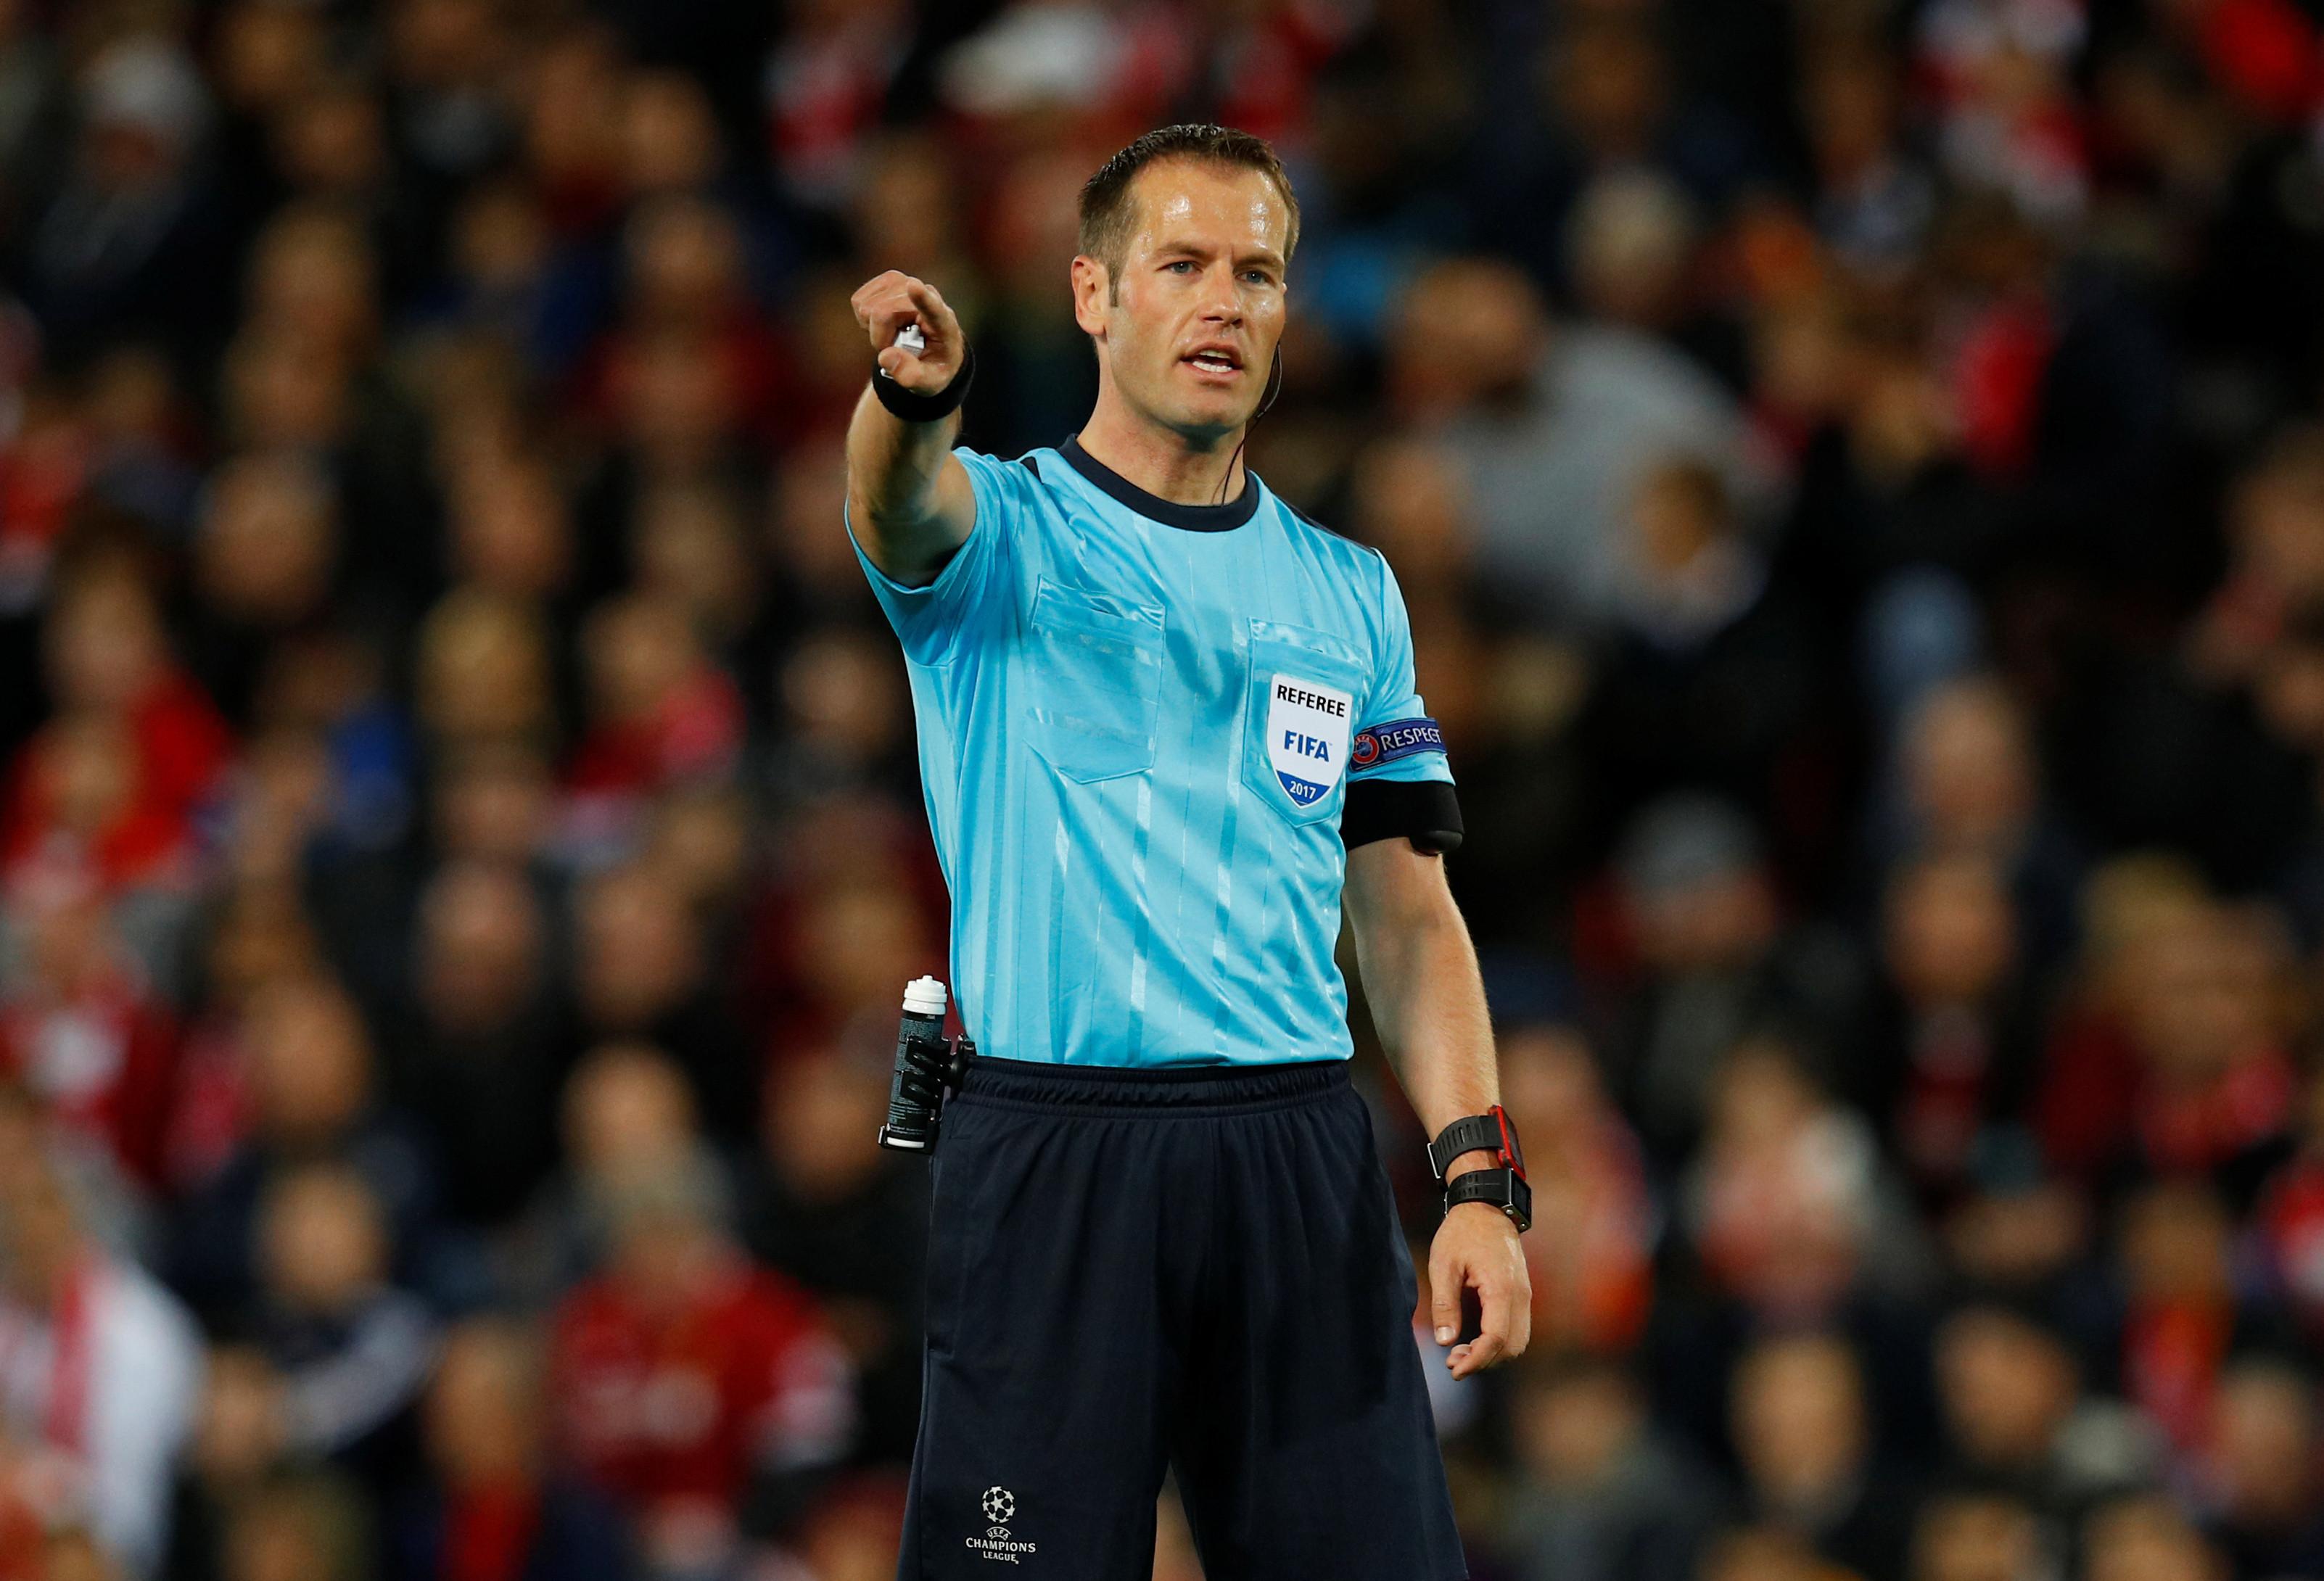 Danny Makkelie arbitra receção do FC Porto ao Liverpool